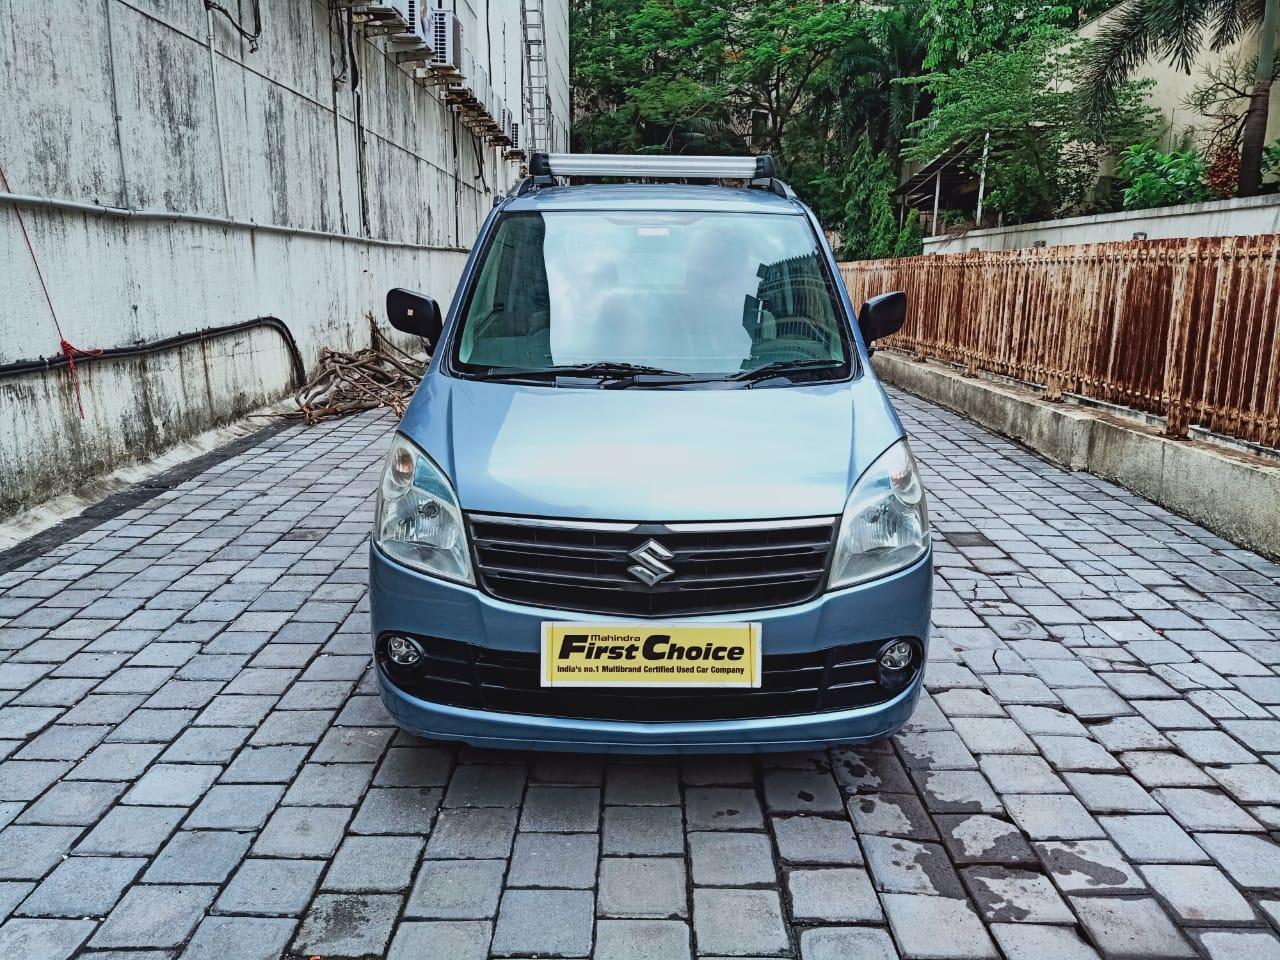 2011 Used Maruti Suzuki Wagon R 1.0 LXI CNG